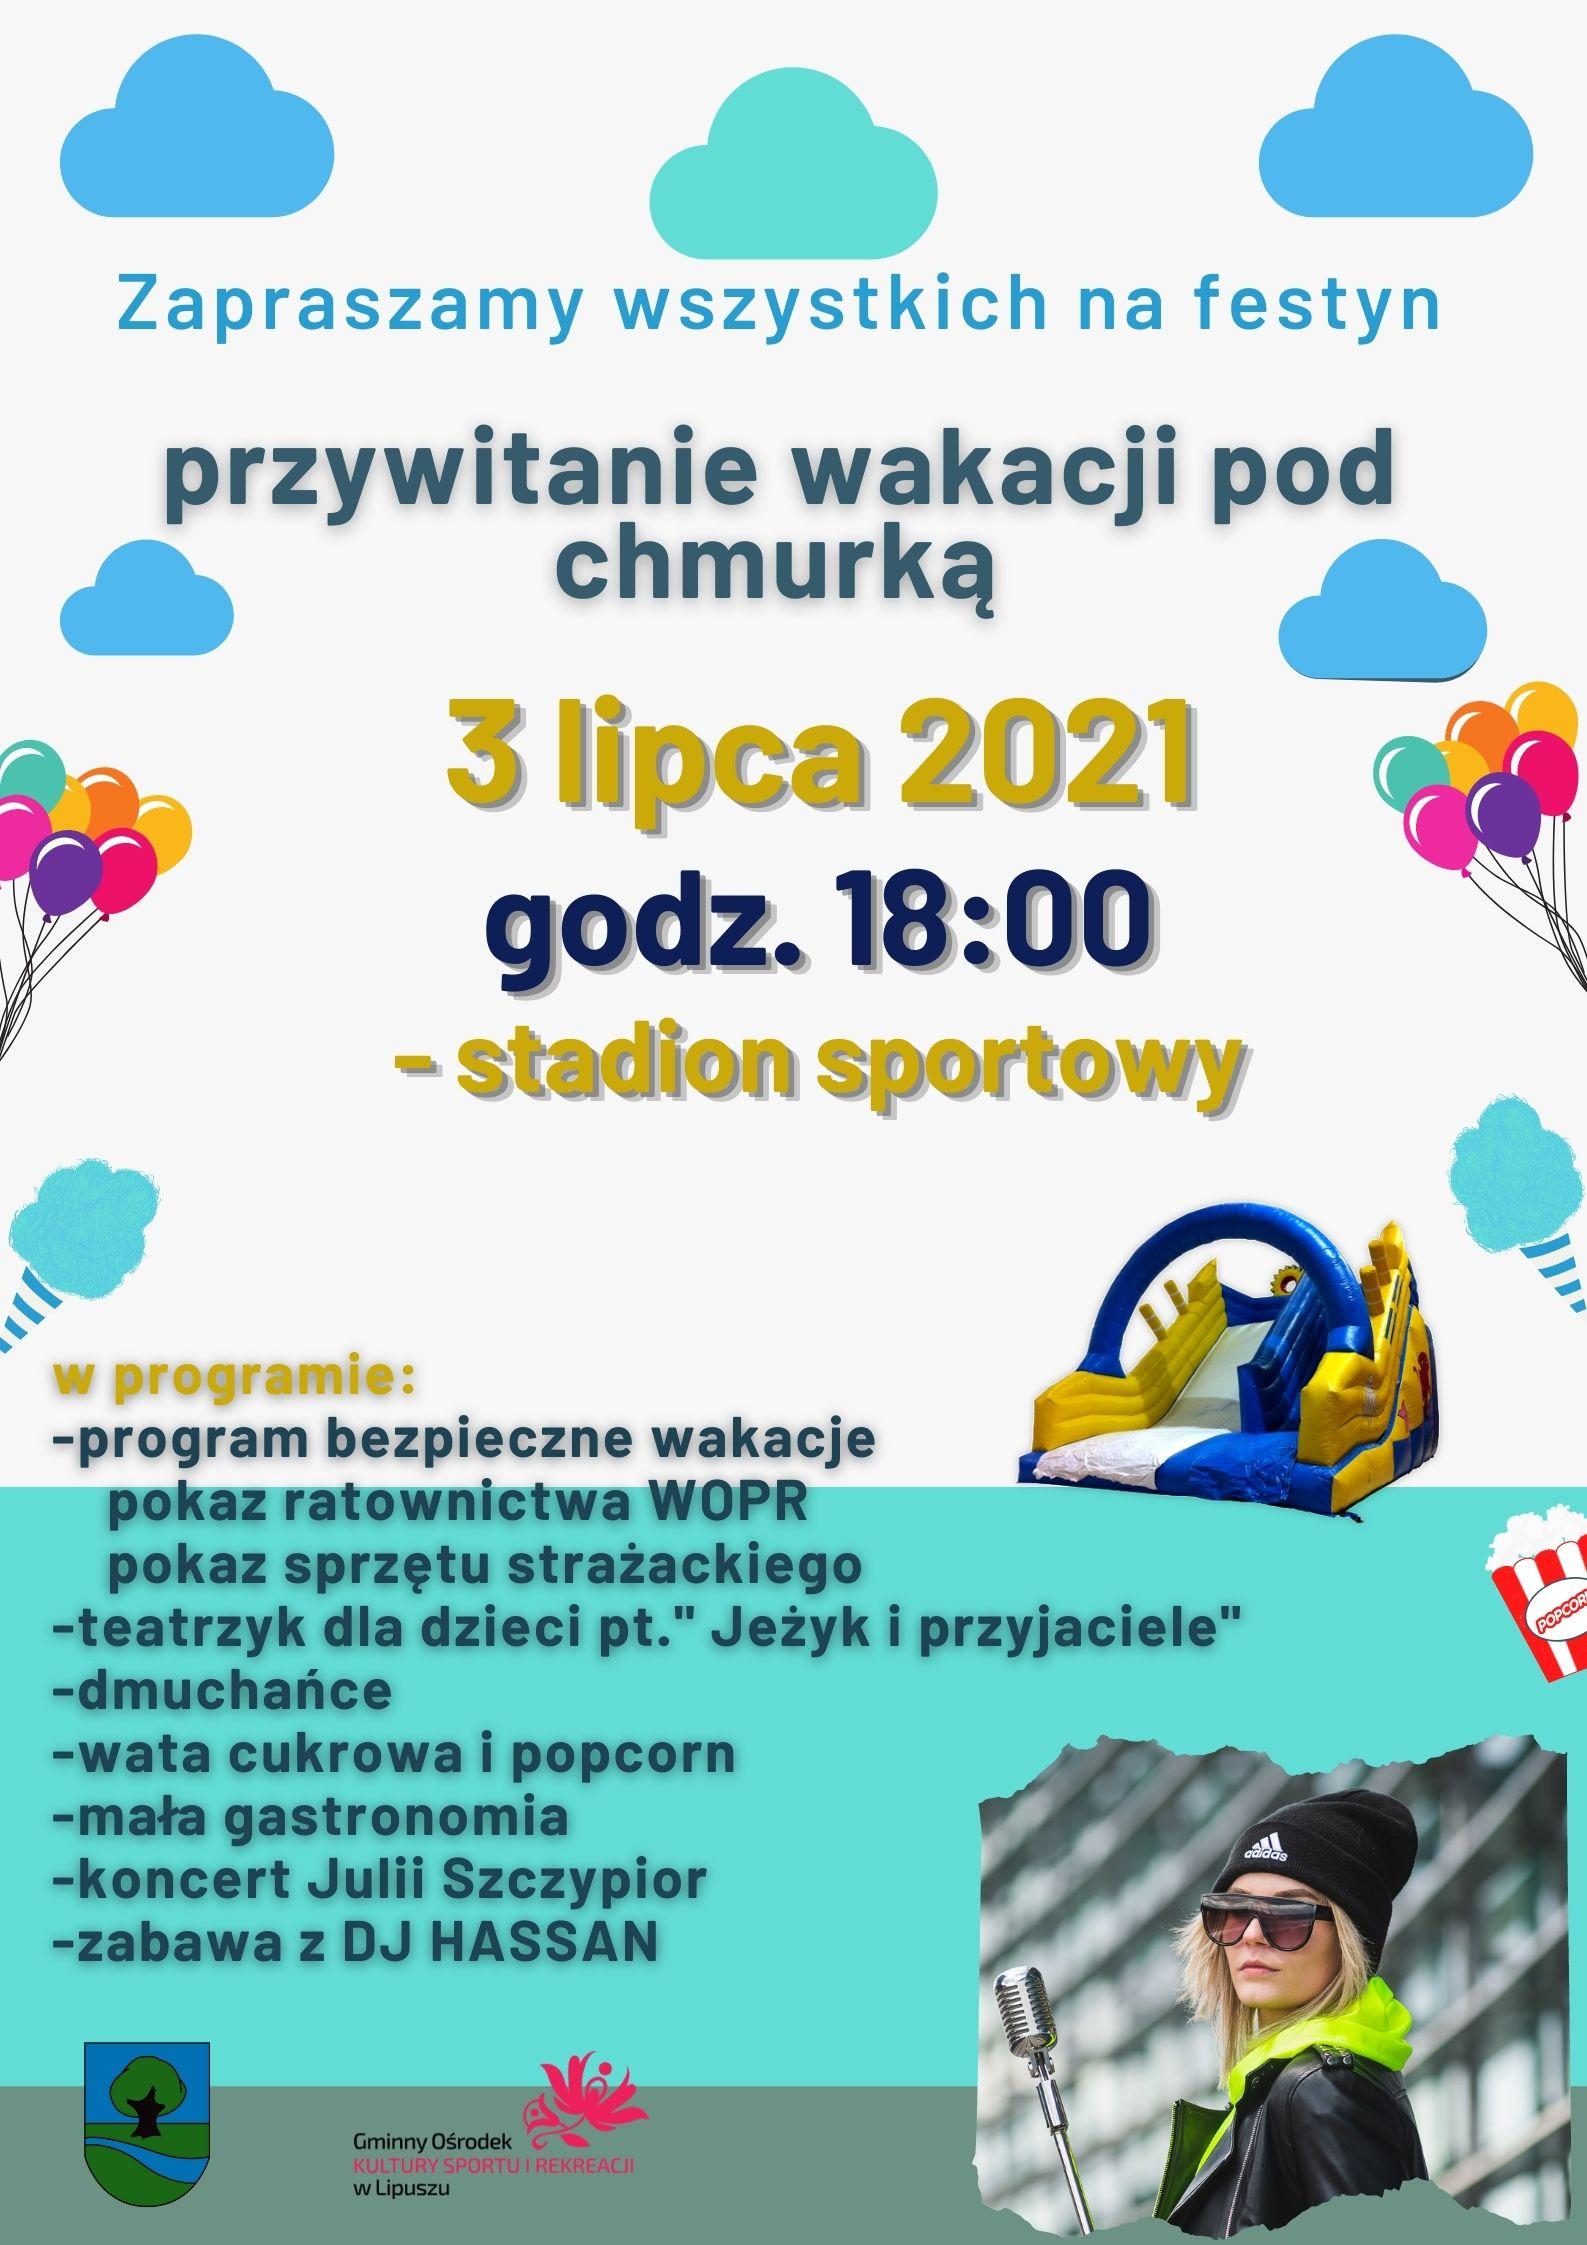 Przywitanie wakacji pod chmurką 3 lipca 2021 godz.18:00 stadion sportowy